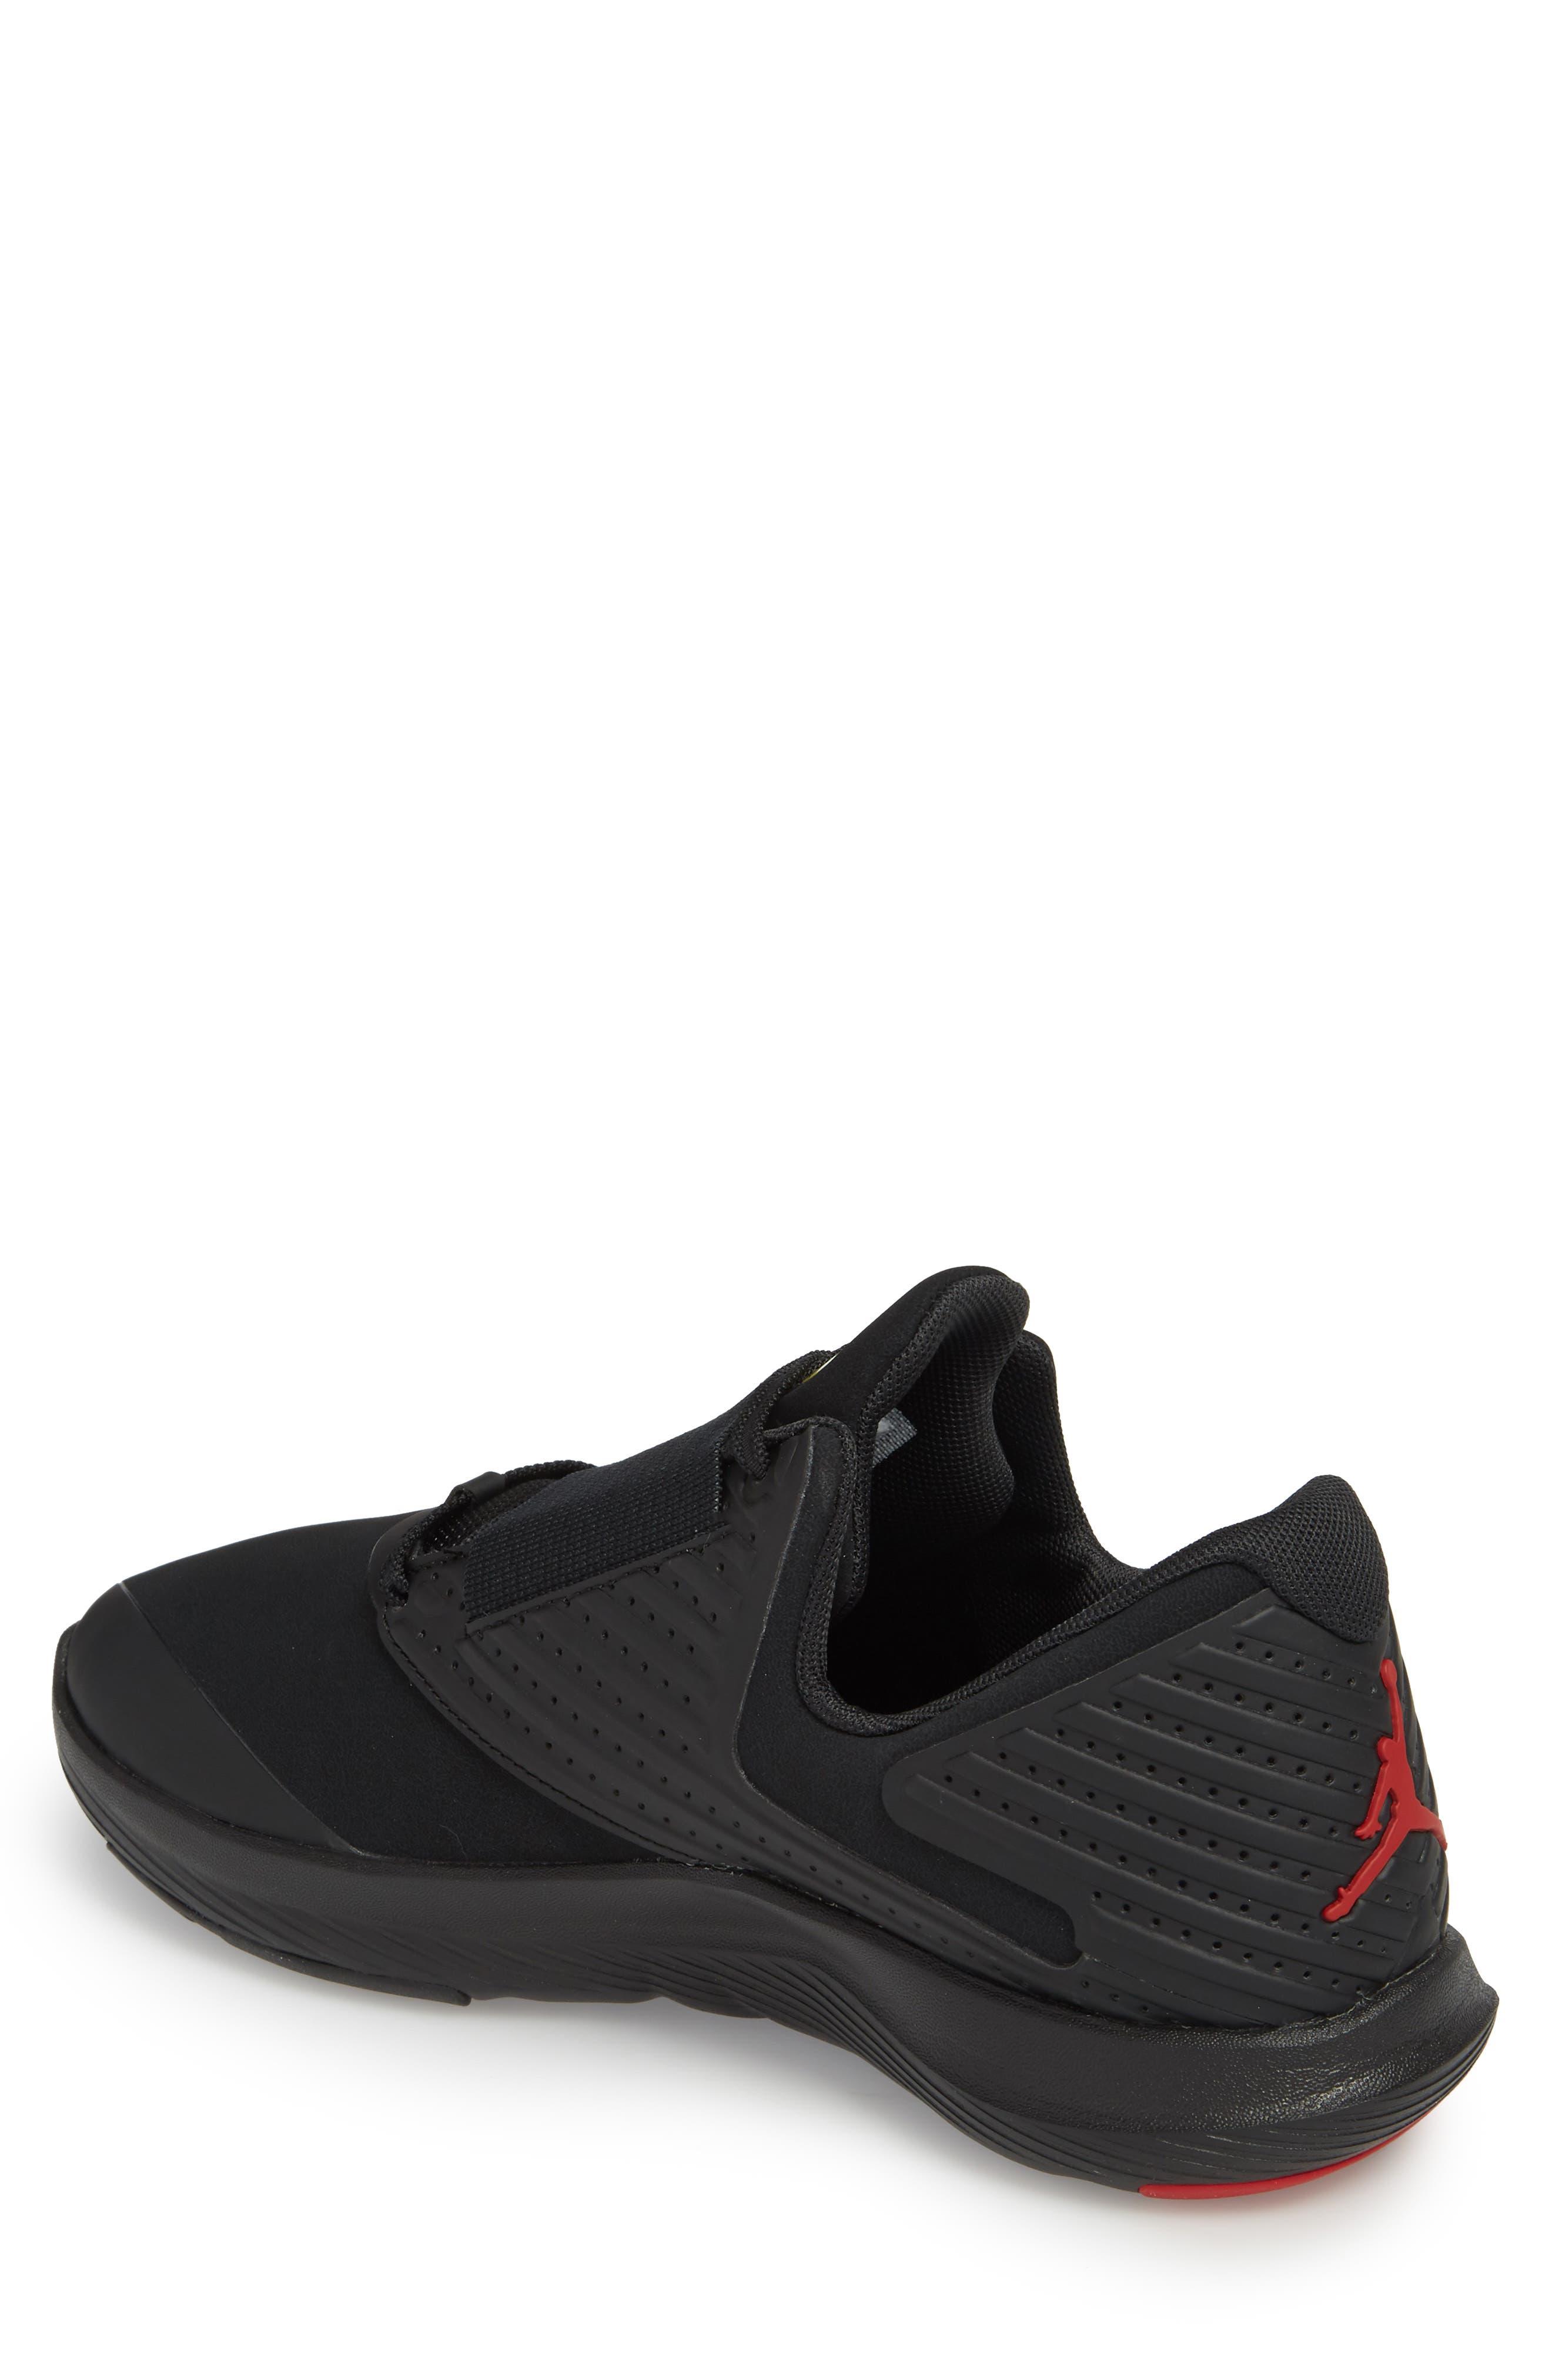 Air Jordan Relentless Training Sneaker,                             Alternate thumbnail 2, color,                             Black/ Varsity Red/ Dandelion